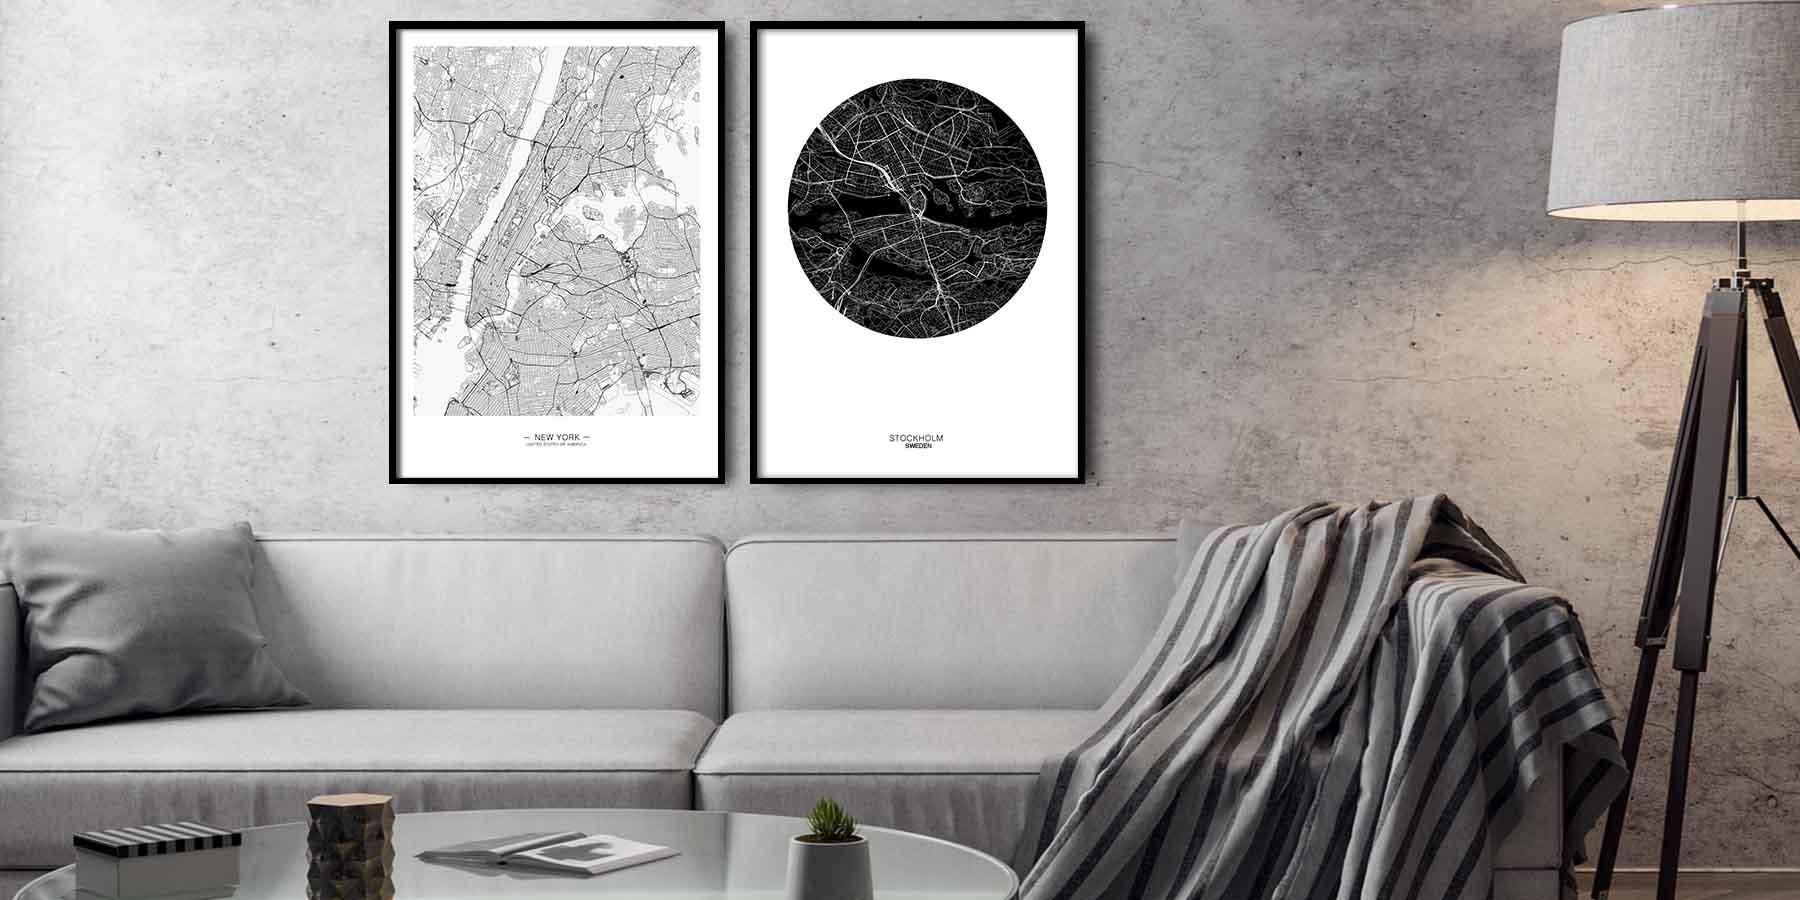 Mapy dekorace na stěnu design studio la forma